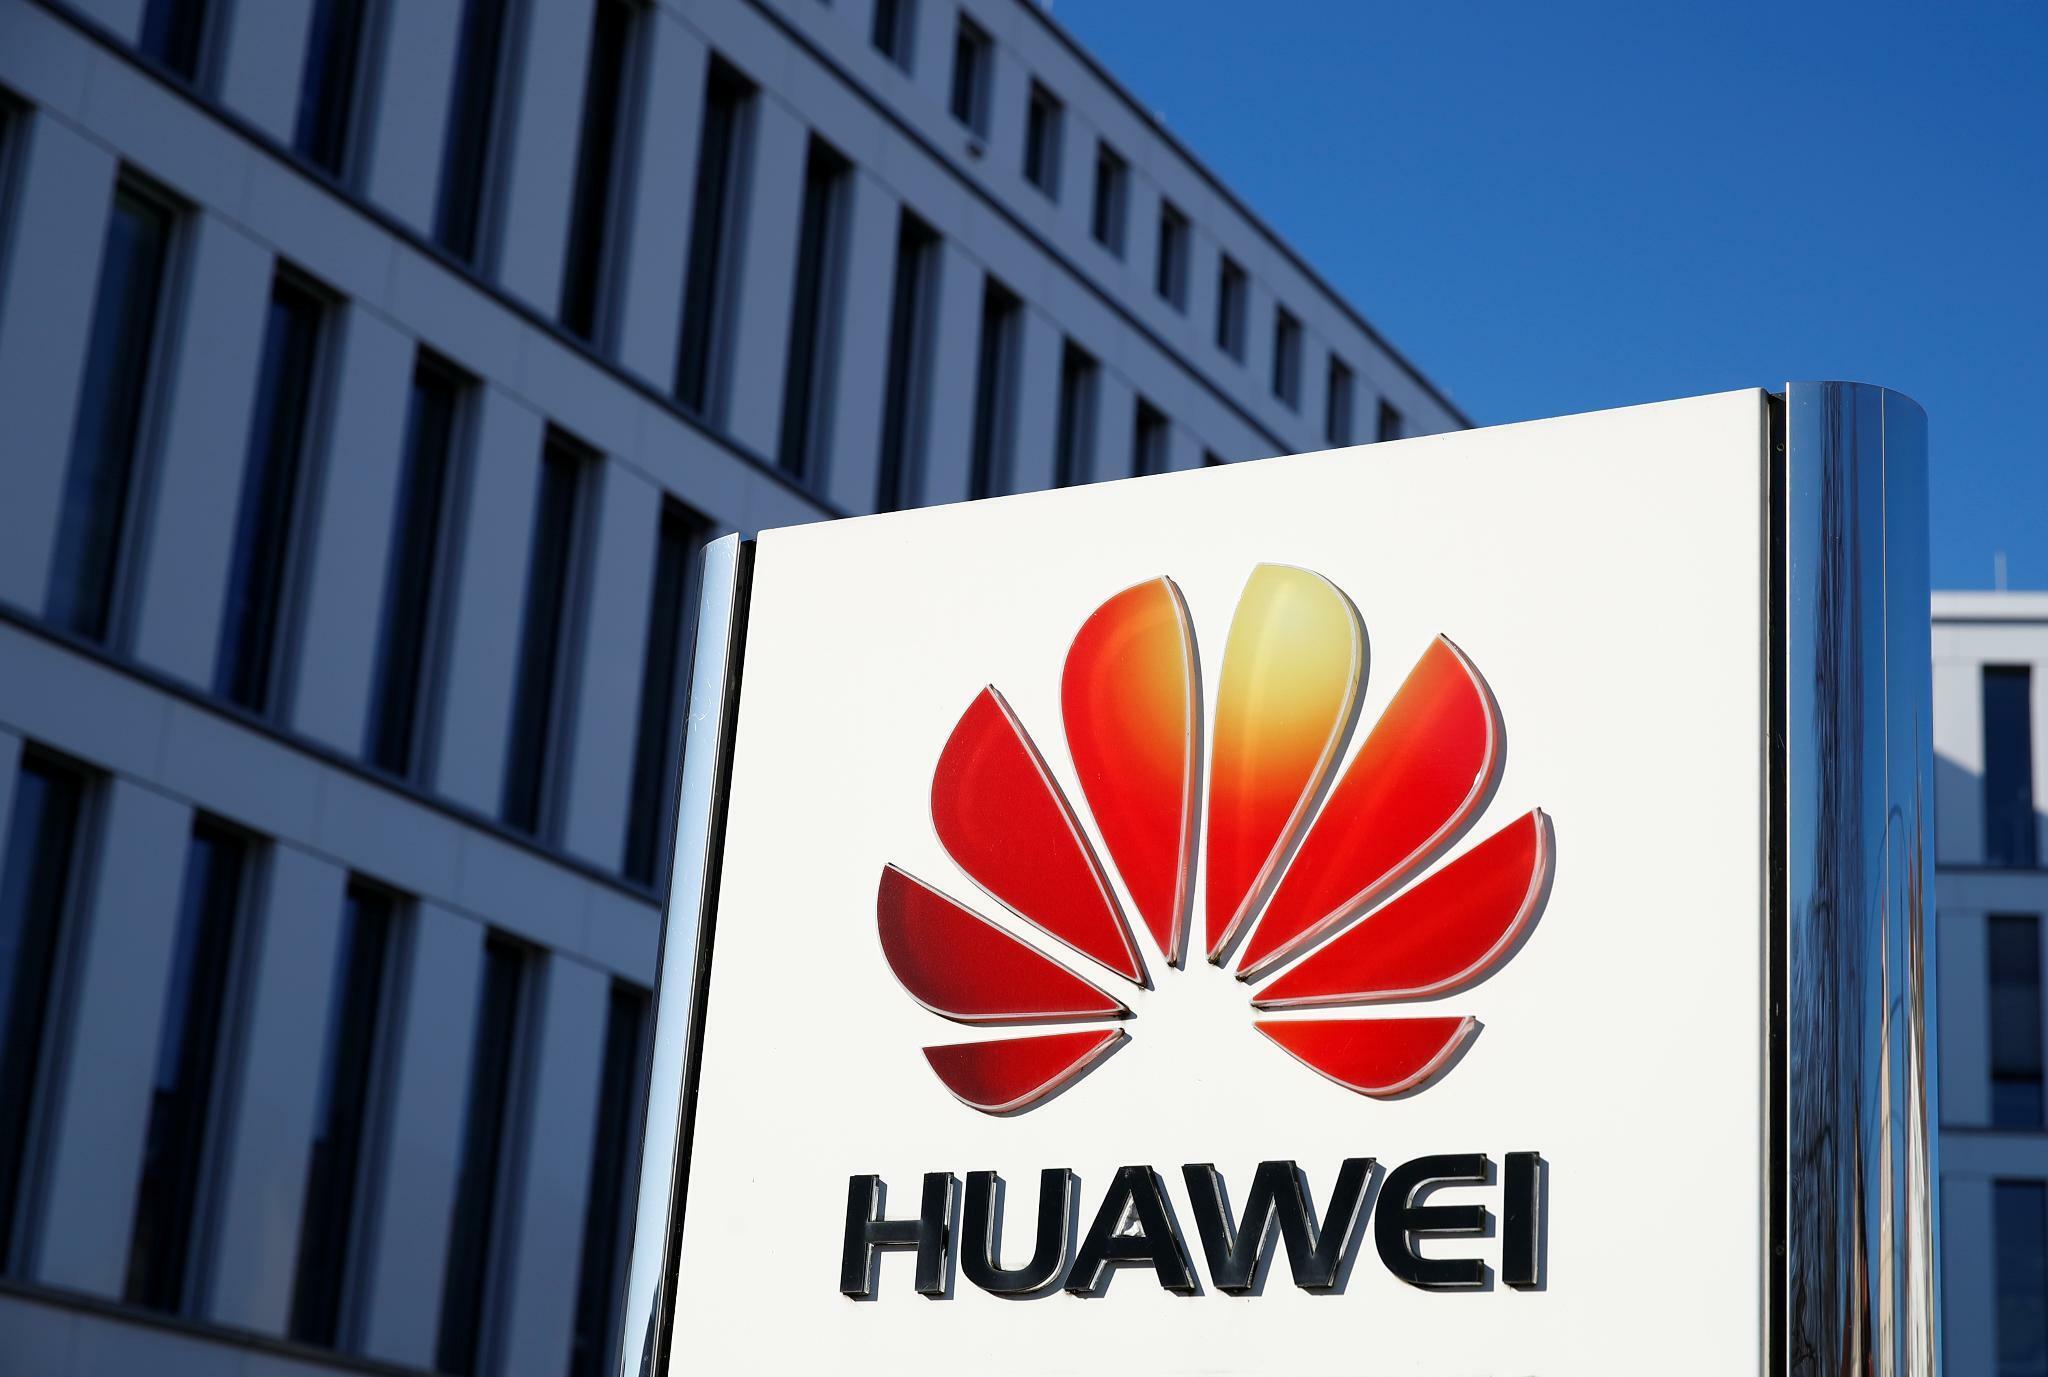 Regierung verteidigt Entscheidung, Huawei nicht auszuschließen